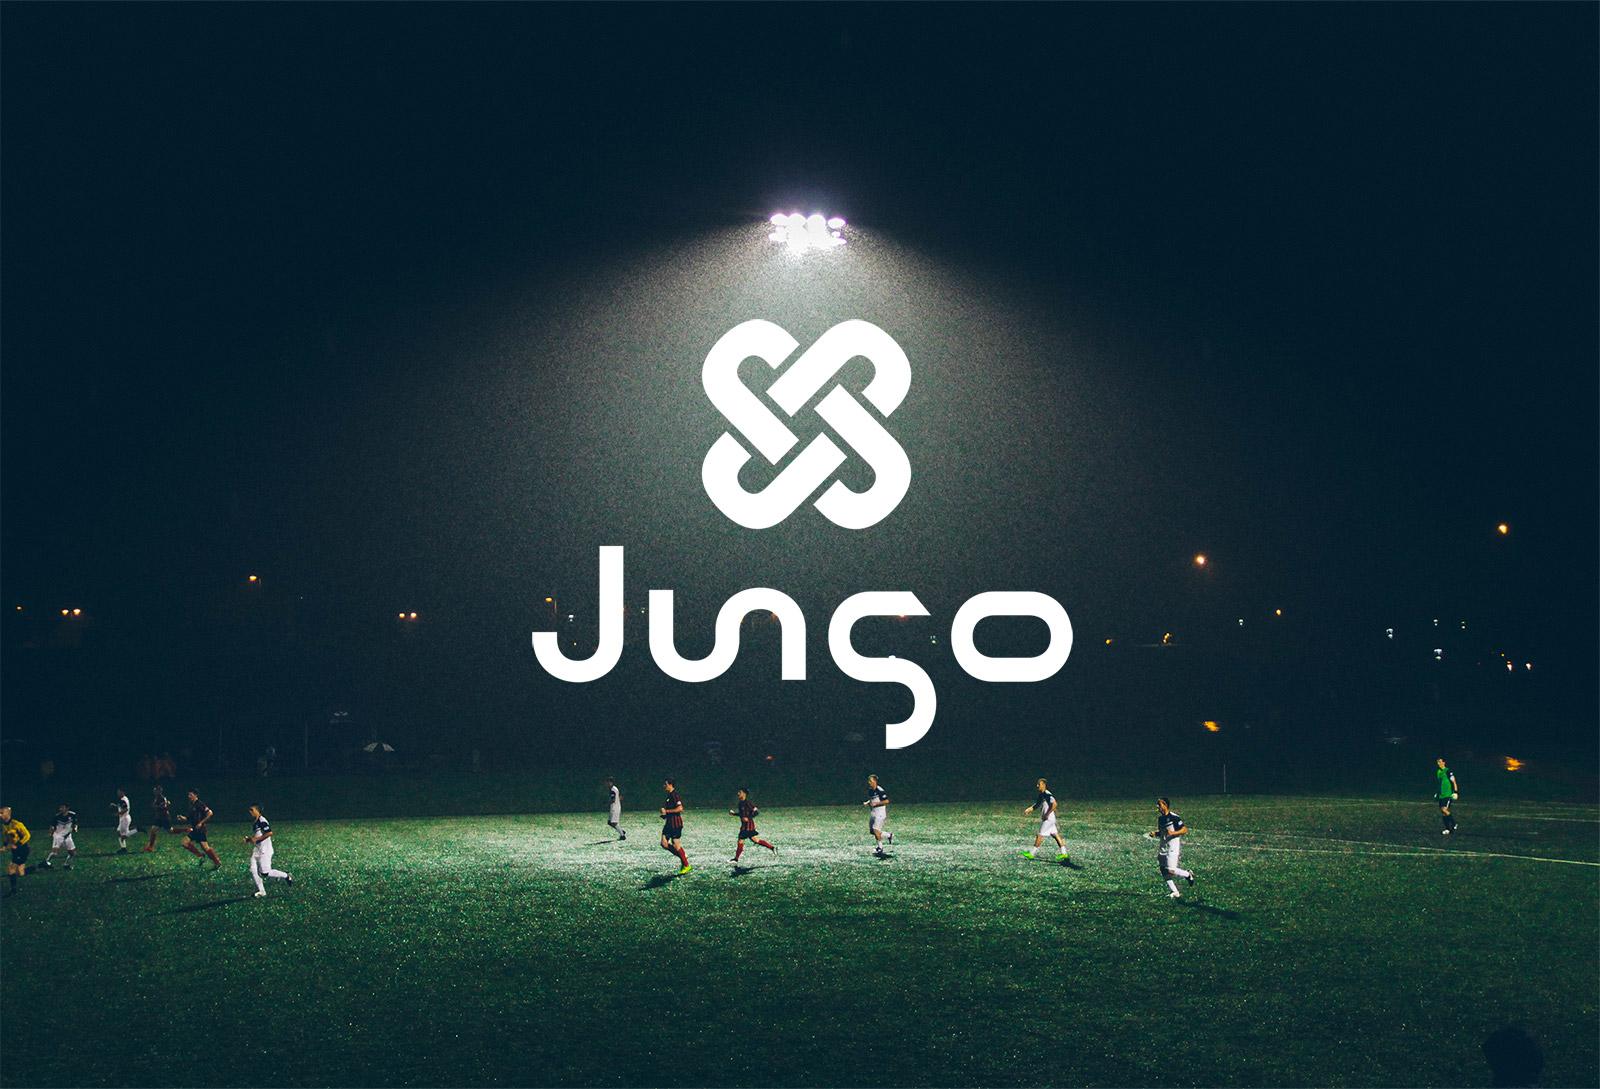 jungo-logo-field.jpg